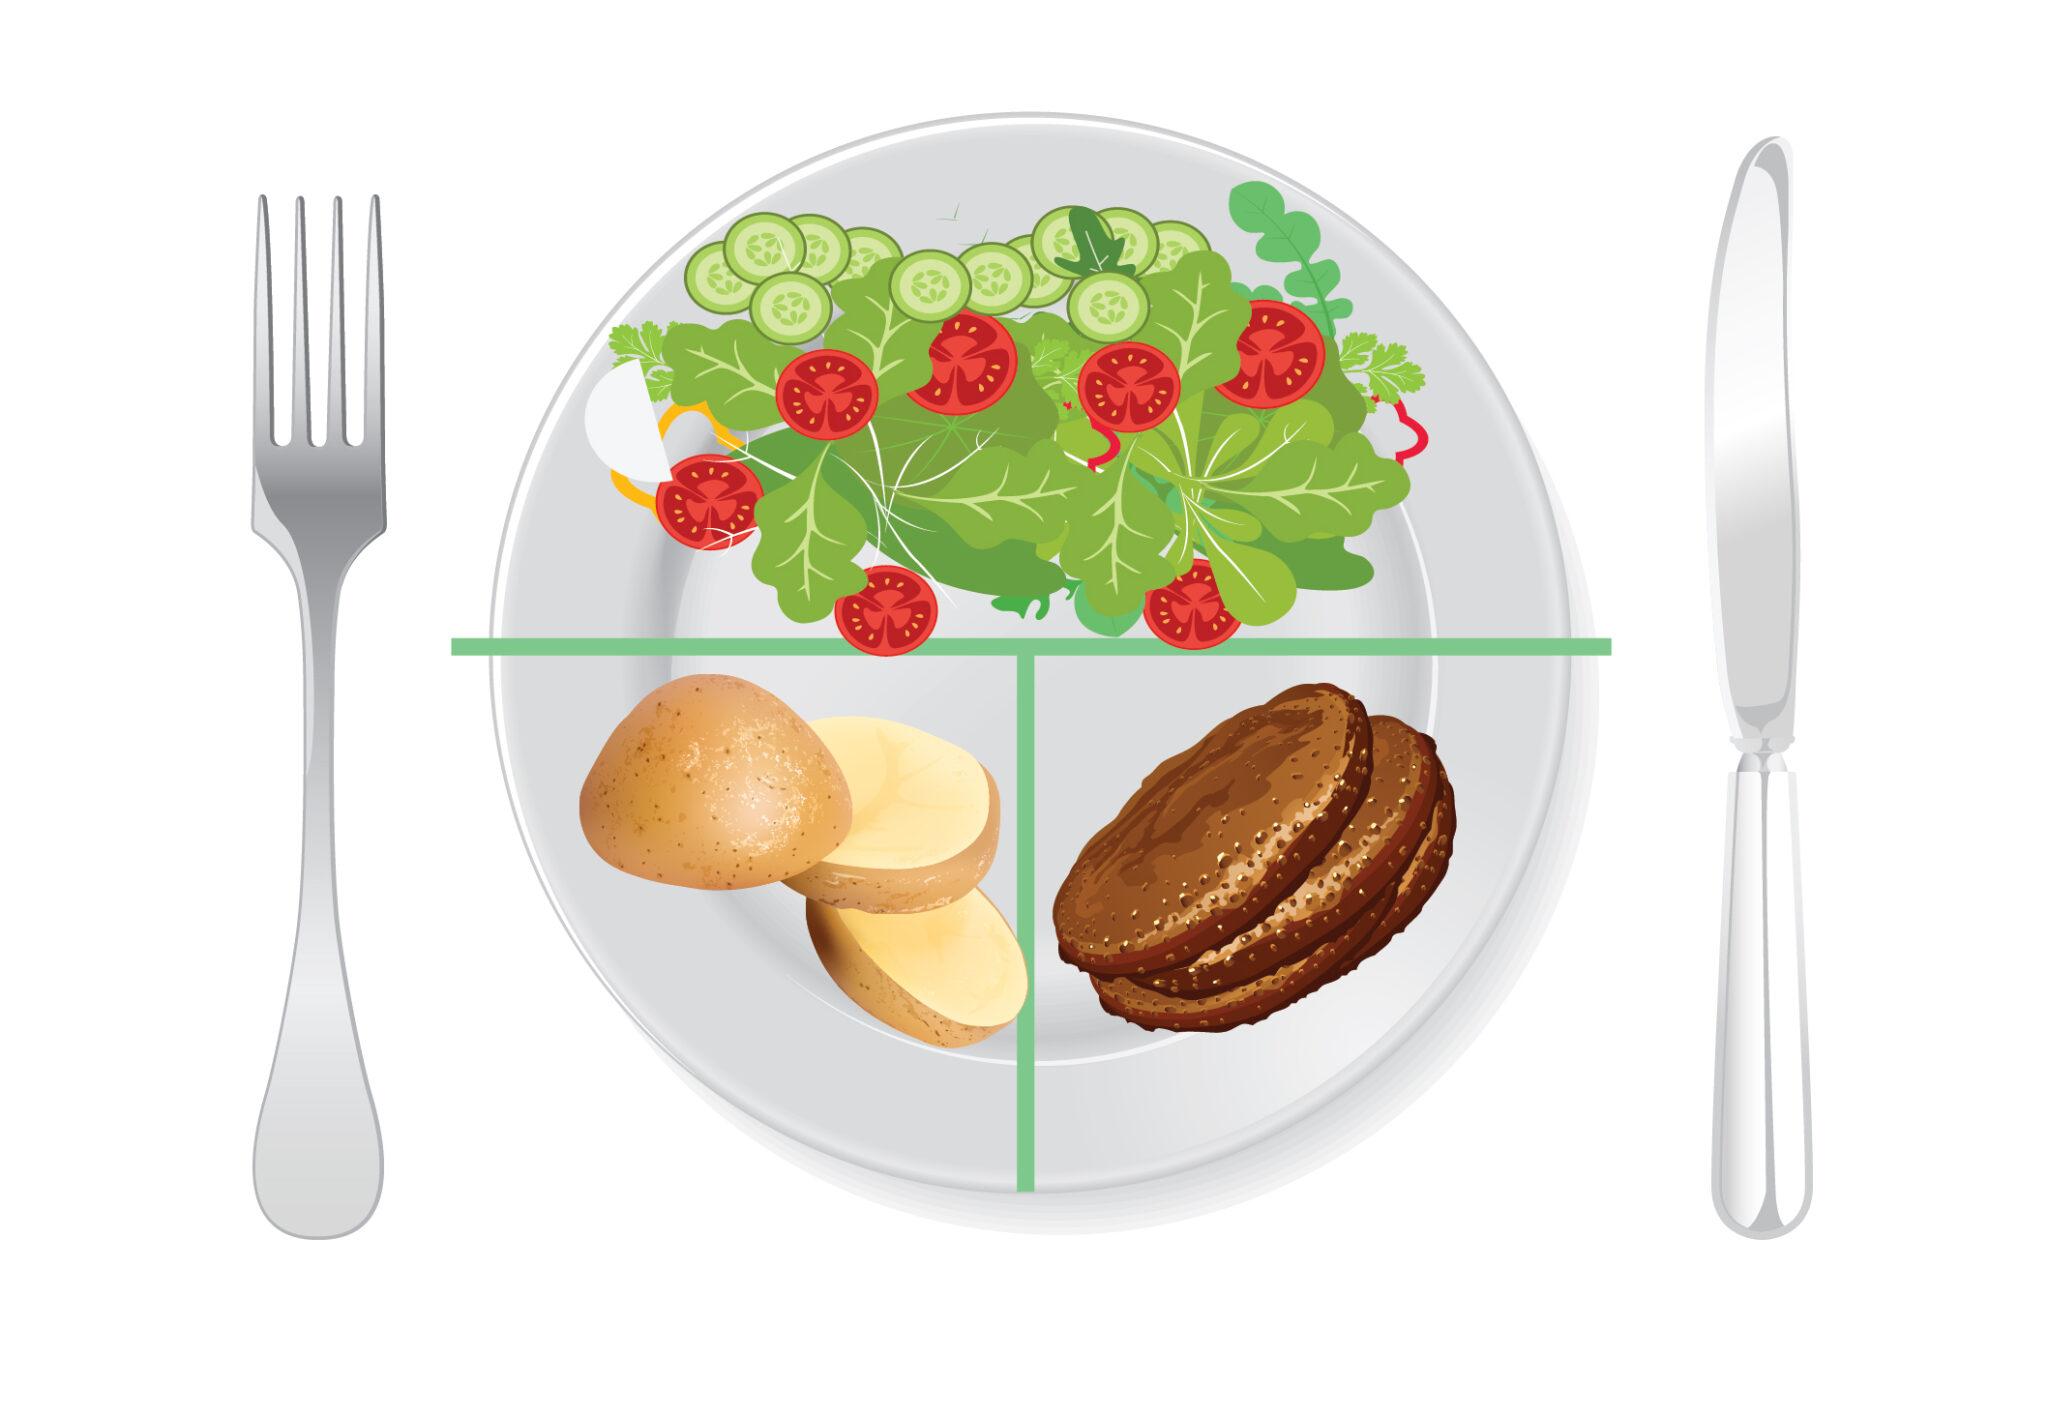 μέθοδος του ελεγχόμενου πιάτου